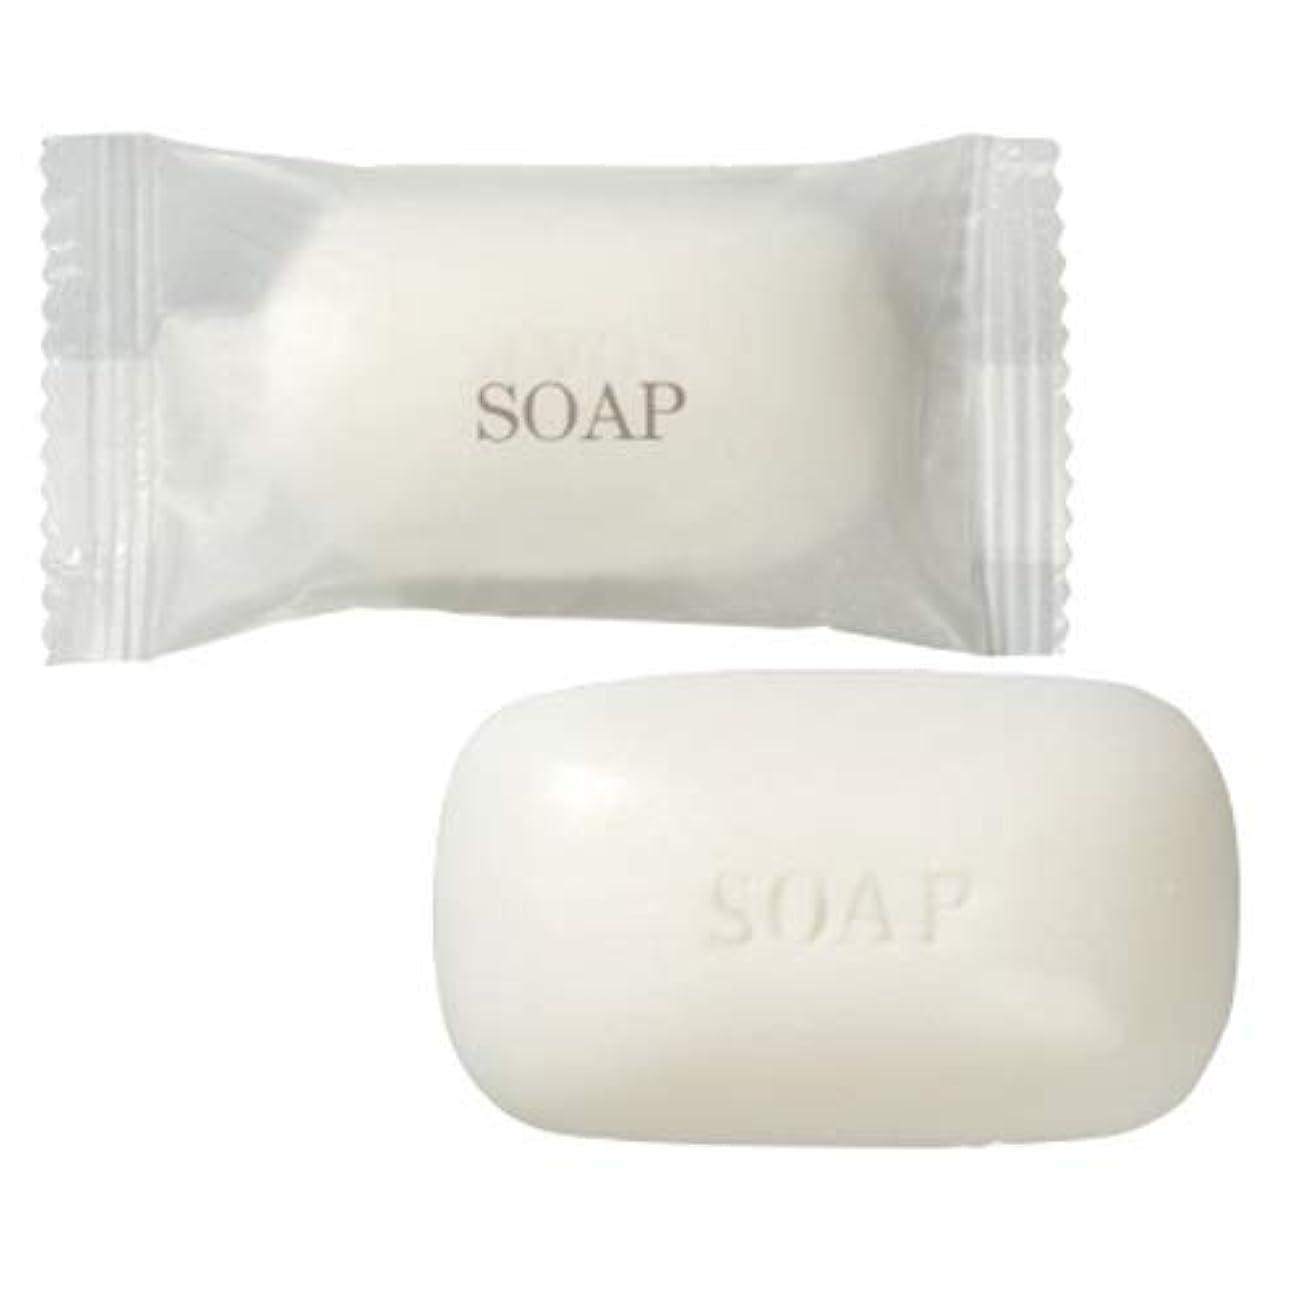 盲信休日にキモい業務用 フィードソープ(FEED SOAP) マット袋(M袋) 15g ×200個 | ホテルアメニティ 個包装